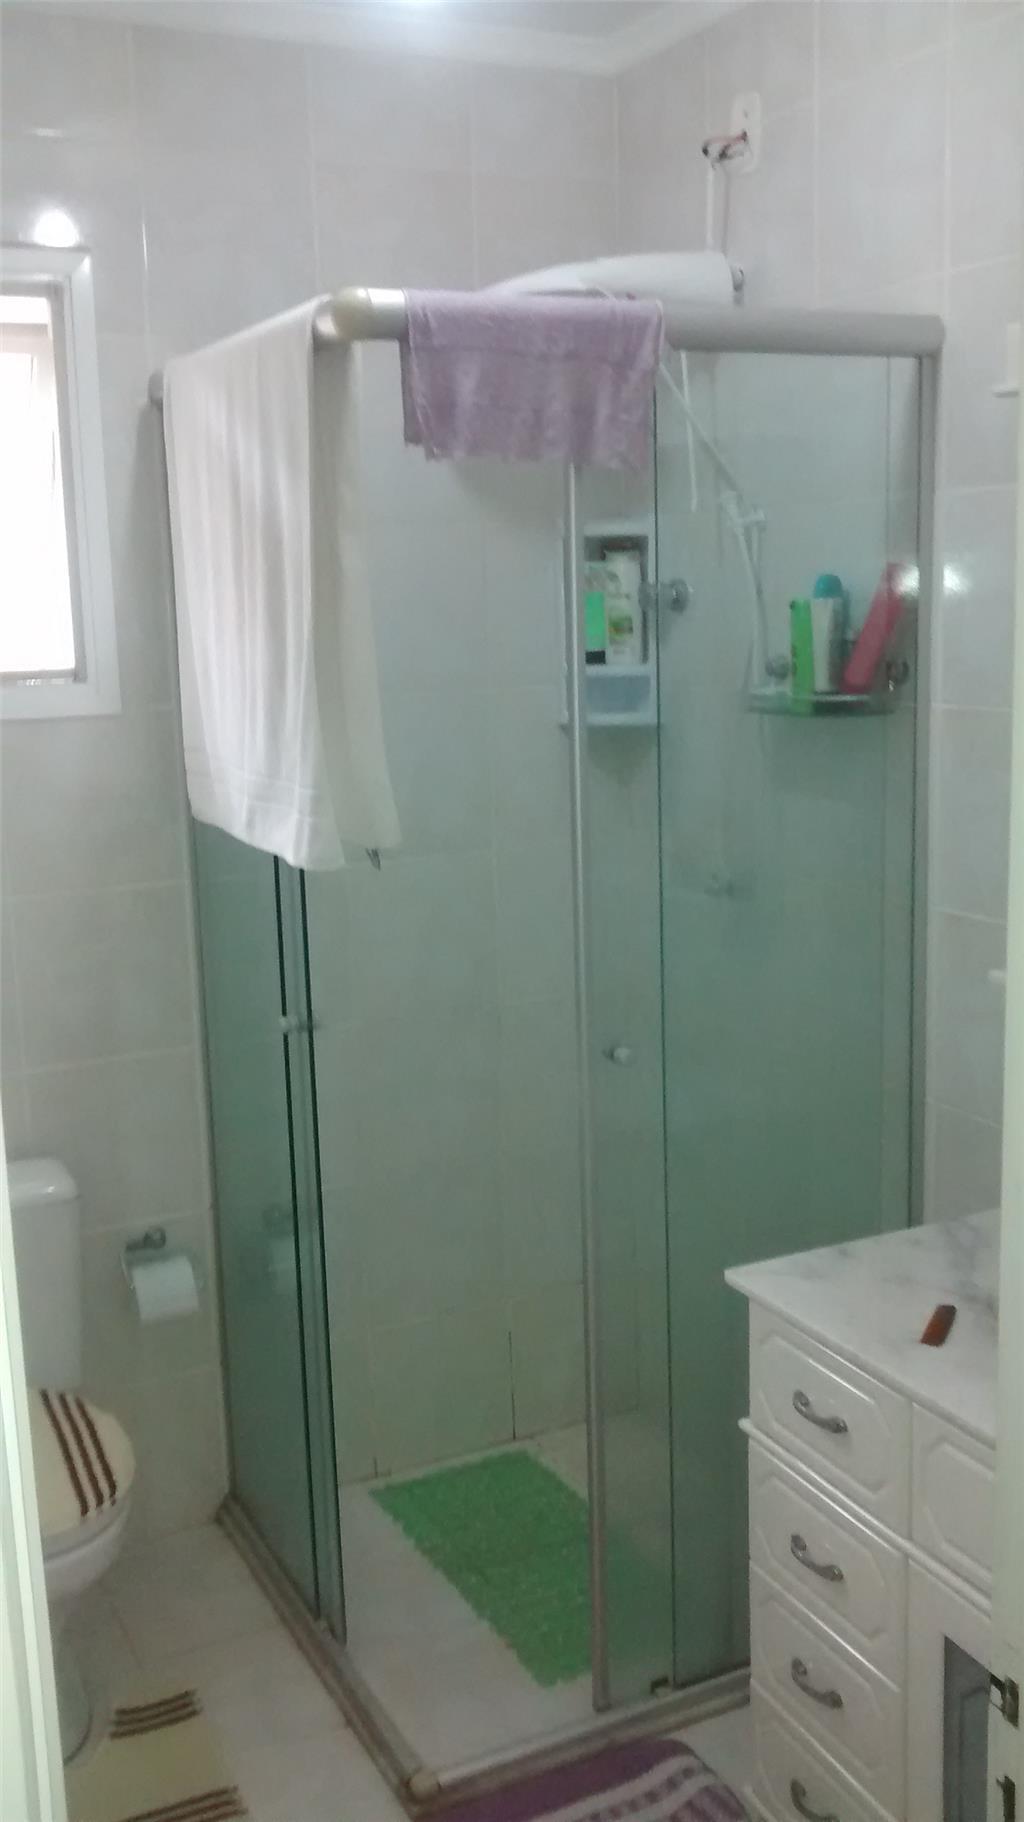 Sobrado de 2 dormitórios em Aberta Dos Morros, Porto Alegre - RS